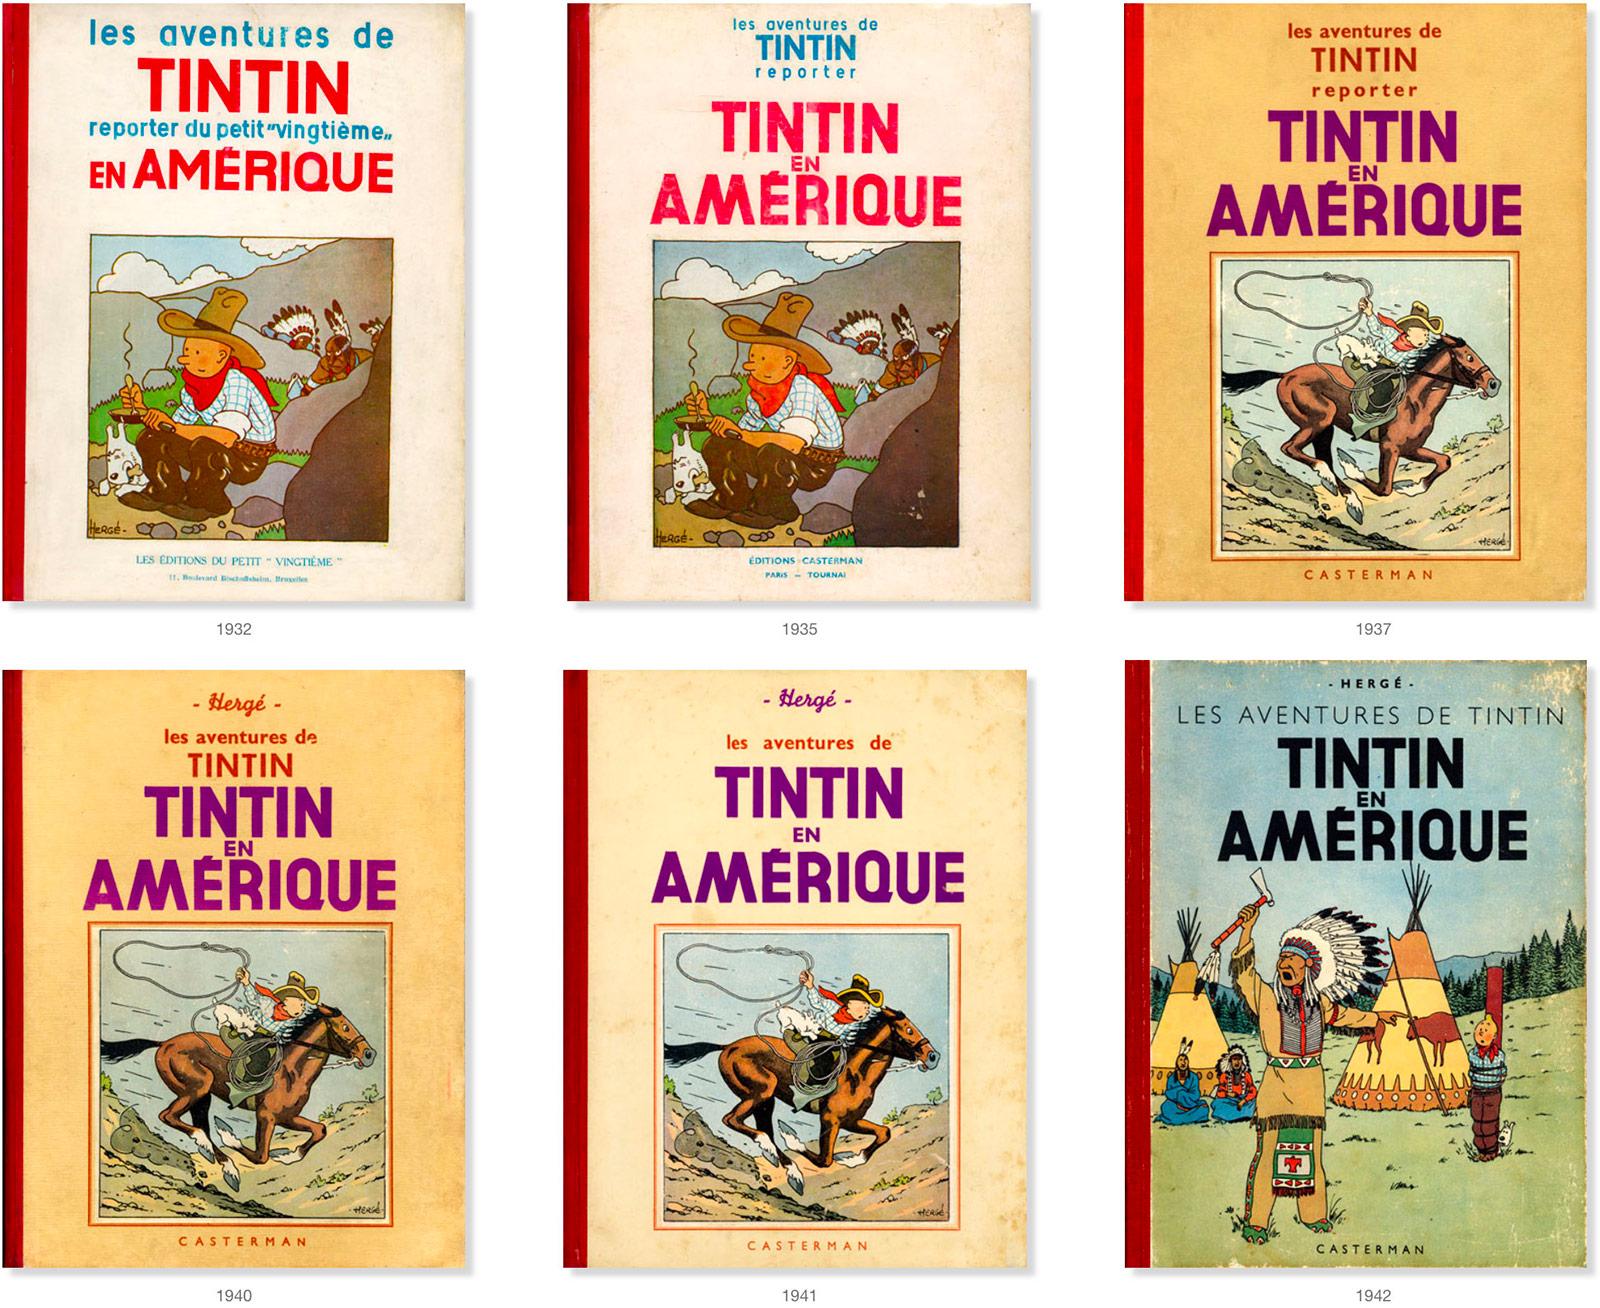 کتاب های قدیمی تن تن در آمریکا